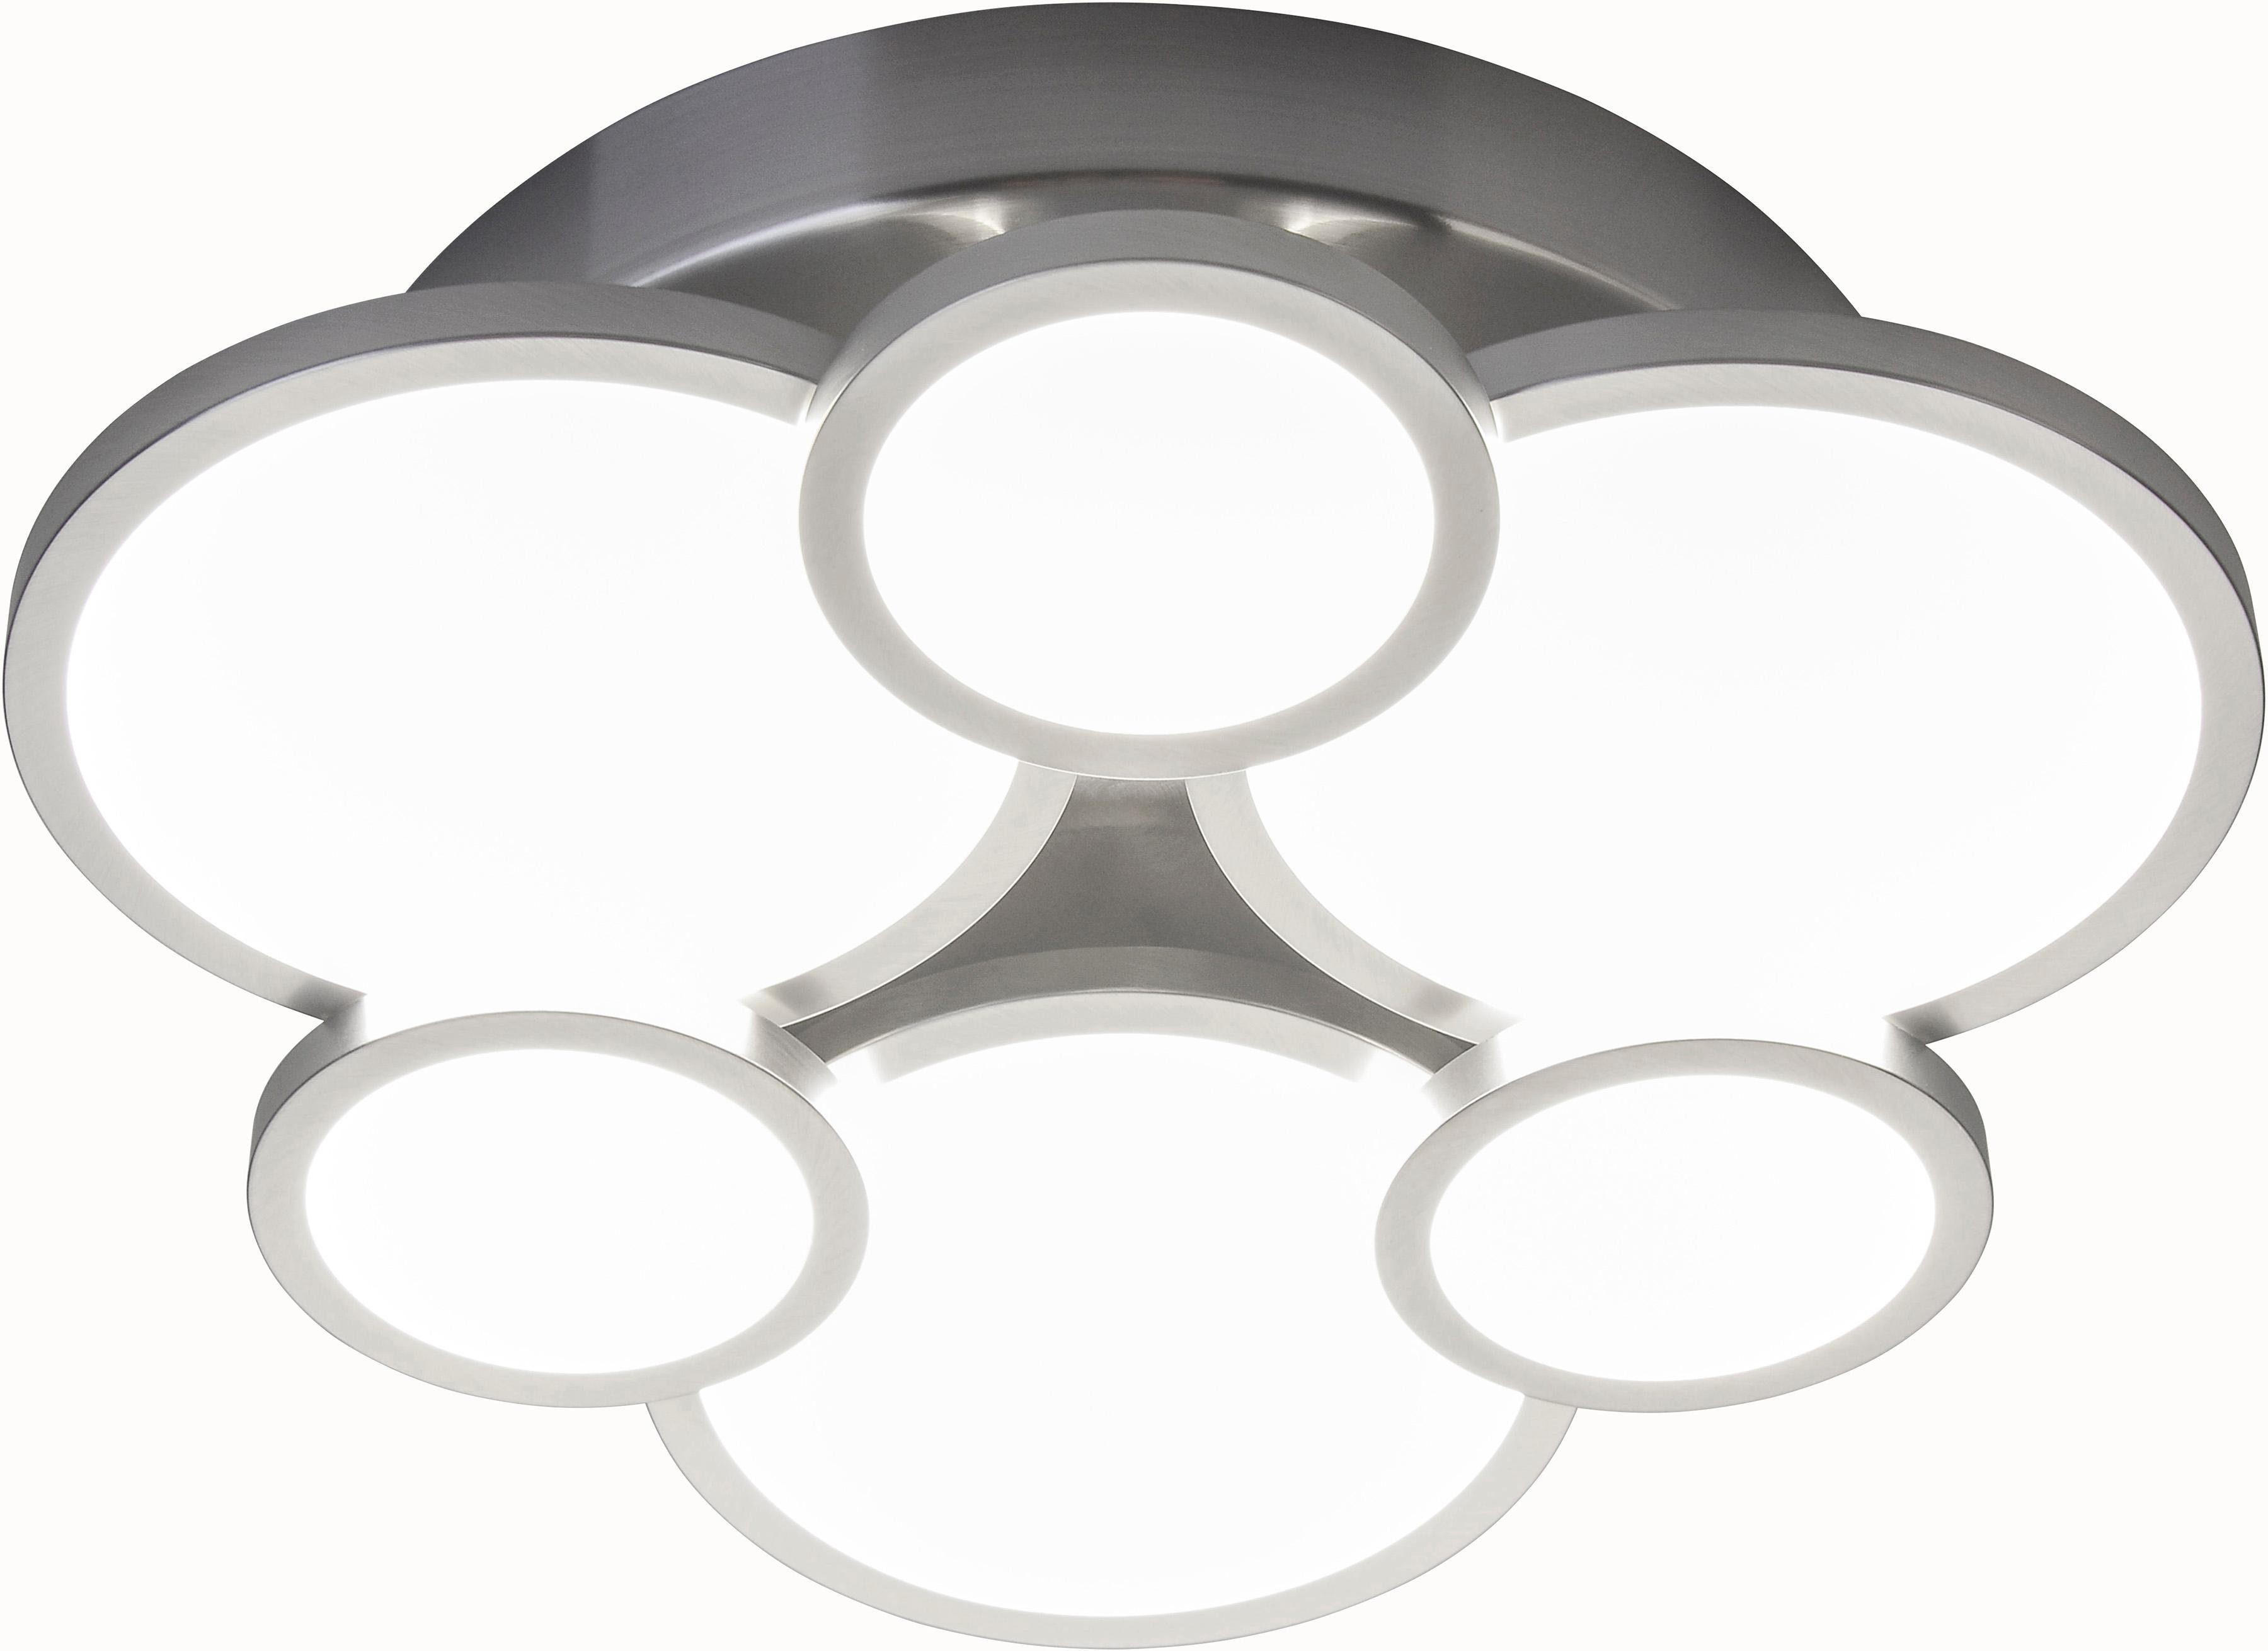 Nino Leuchten LED Deckenleuchte Neo, GU10, 1 St., Warmweiß, LED Deckenlampe